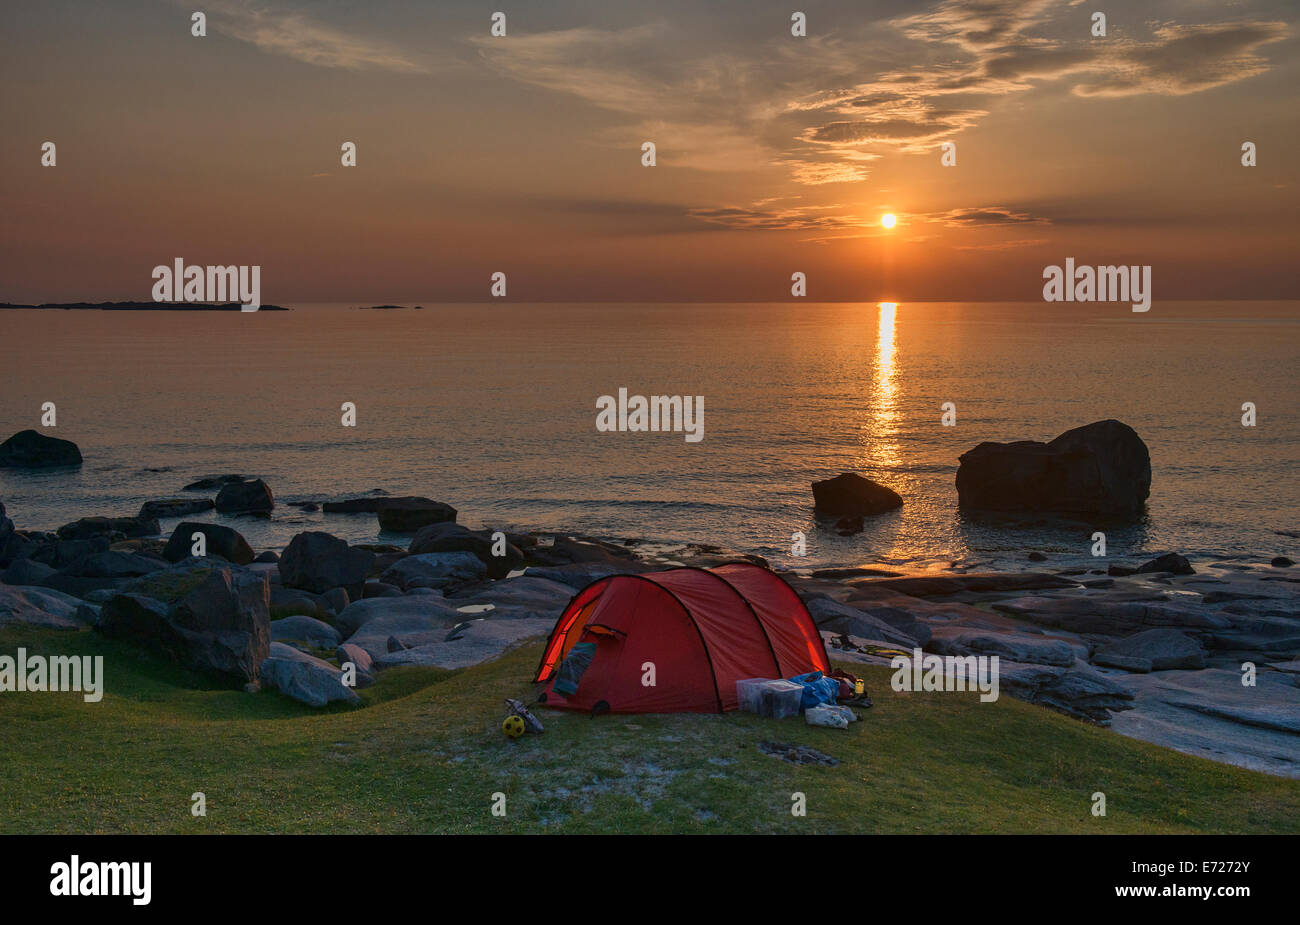 Enjoying the midnight sun on beautiful Uttakleiv Beach in the Lofoten Islands, Norway - Stock Image